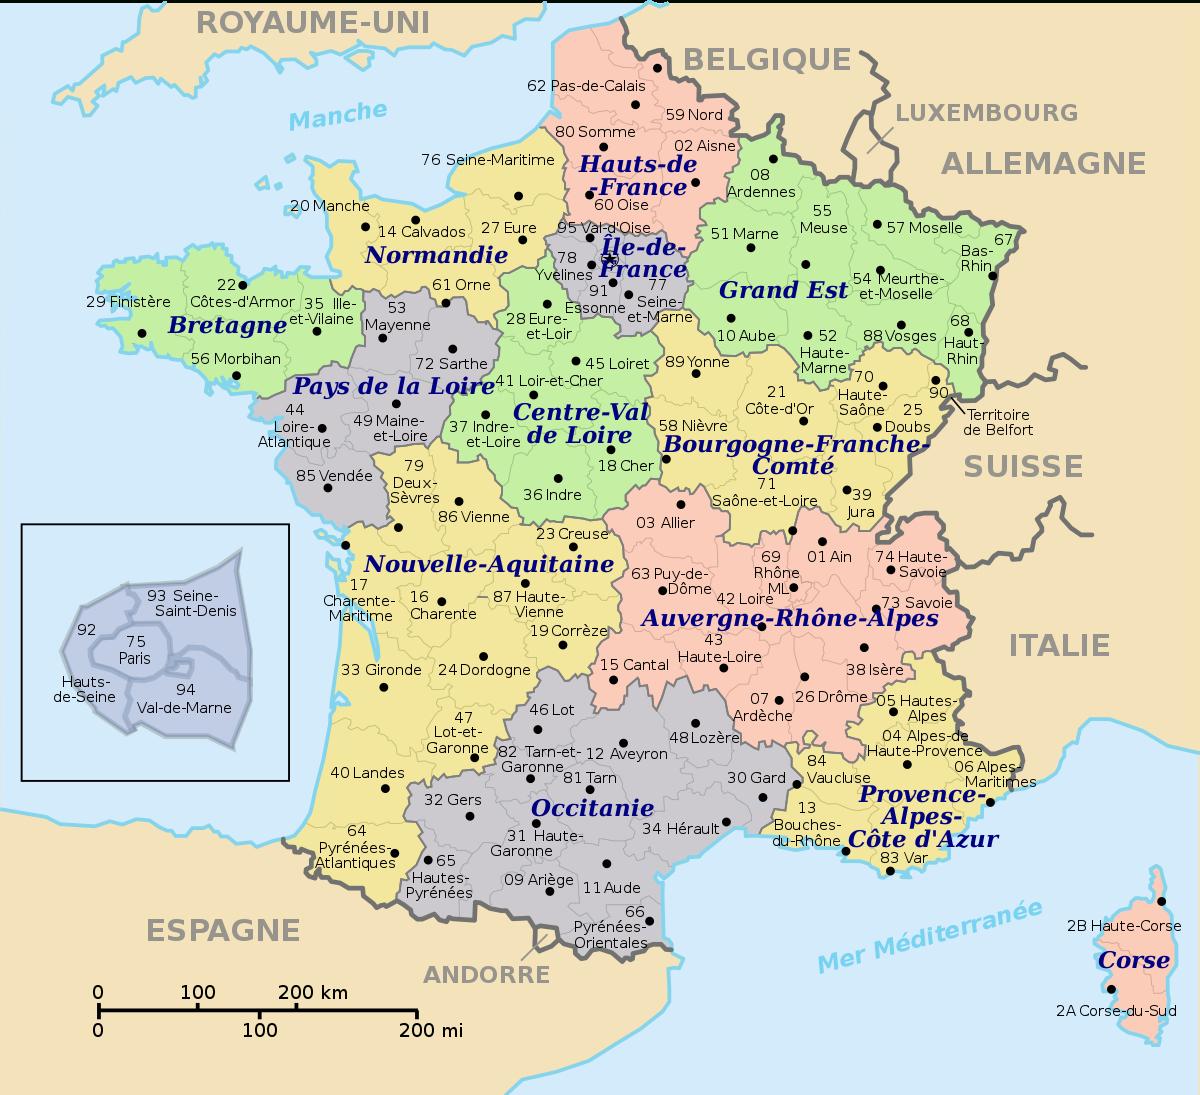 Numérotation Des Départements Français — Wikipédia tout Les Numéros Des Départements